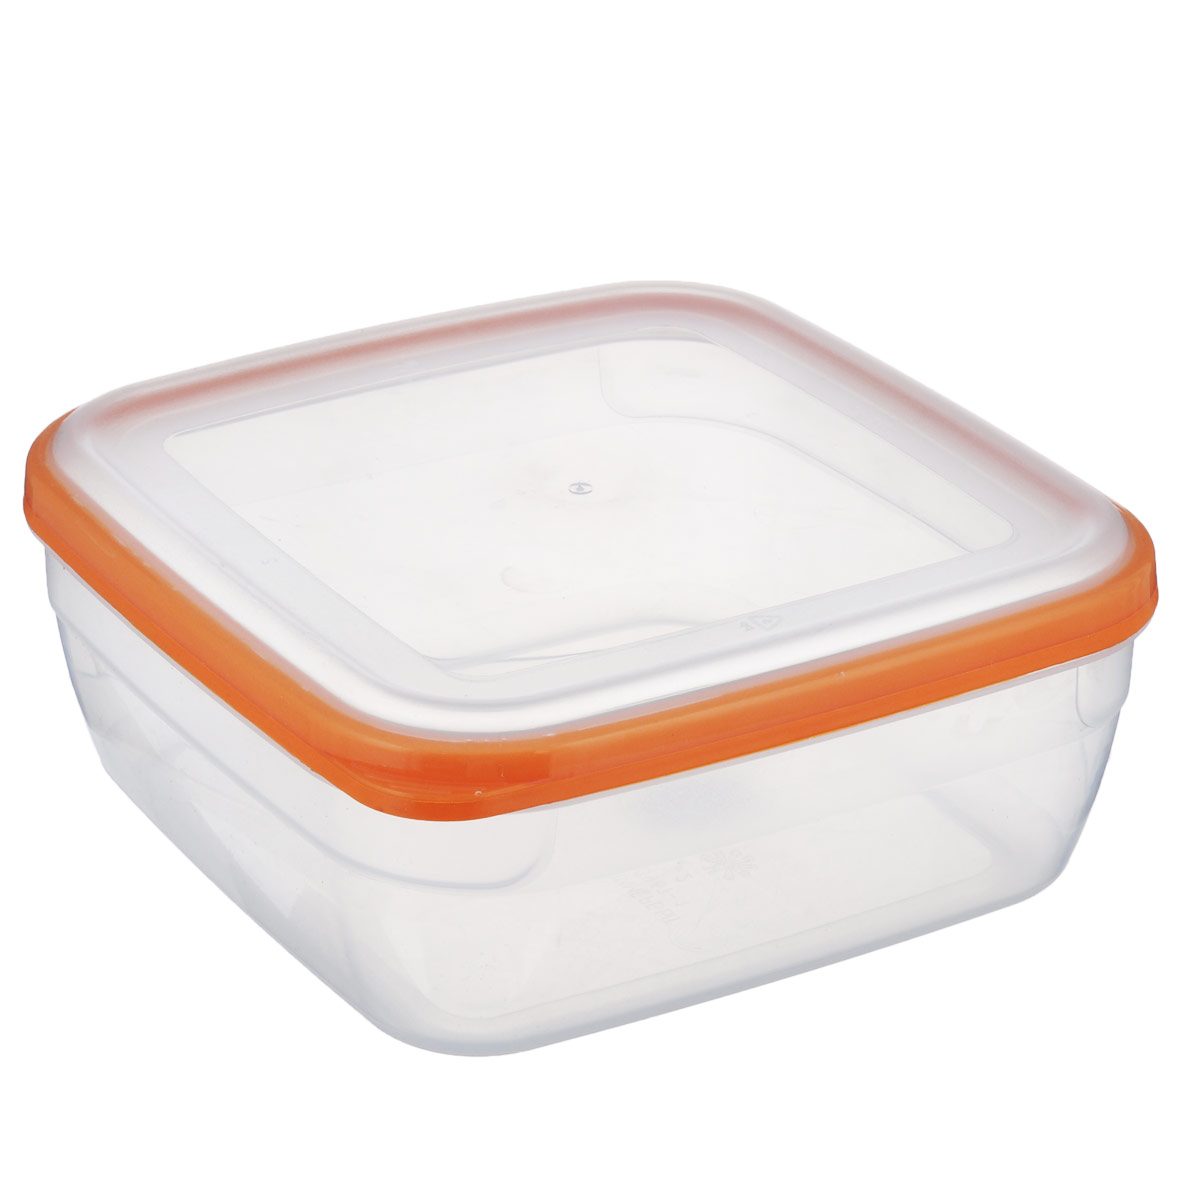 Контейнер Полимербыт Премиум, цвет: прозрачный, оранжевый, 2,2 лД Дачно-Деревенский 20Контейнер Полимербыт Премиум квадратной формы, изготовленный из прочного пластика, предназначен специально для хранения пищевых продуктов. Крышка легко открывается и плотно закрывается.Контейнер устойчив к воздействию масел и жиров, легко моется. Прозрачные стенки позволяют видеть содержимое. Контейнер имеет возможность хранения продуктов глубокой заморозки, обладает высокой прочностью. Можно мыть в посудомоечной машине. Подходит для использования в микроволновых печах.